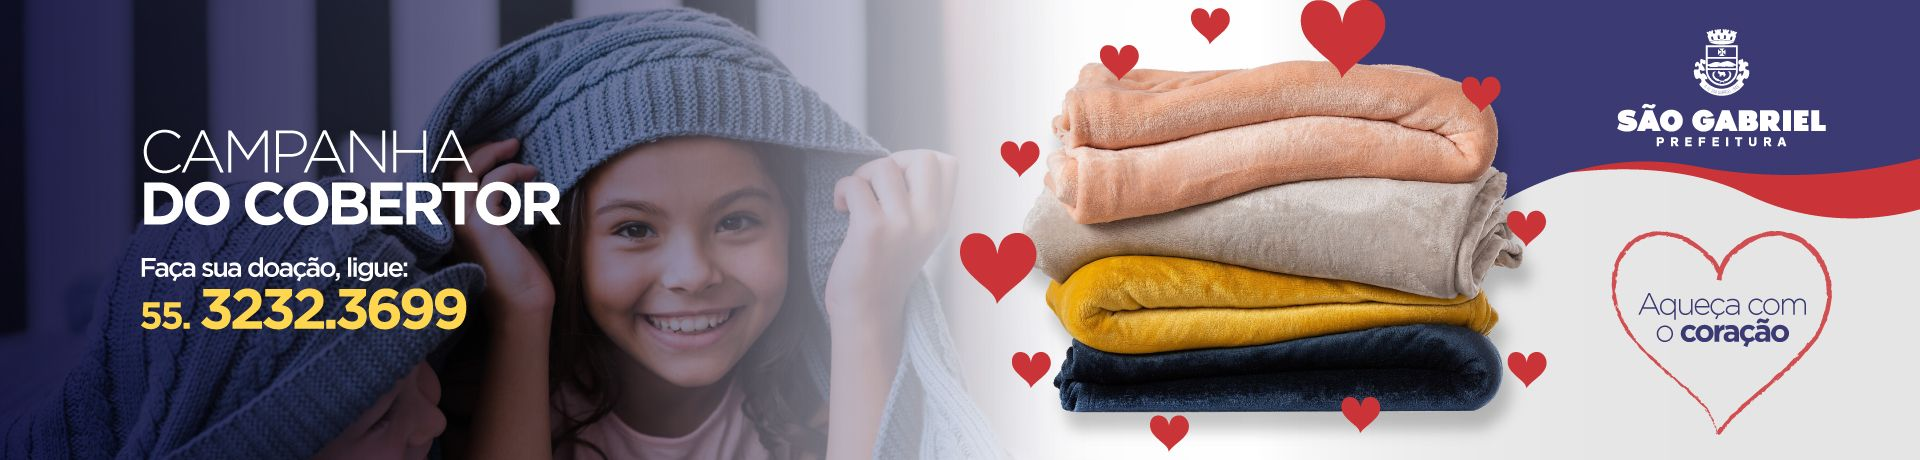 Banner 1 - Banner Doação de Cobertores